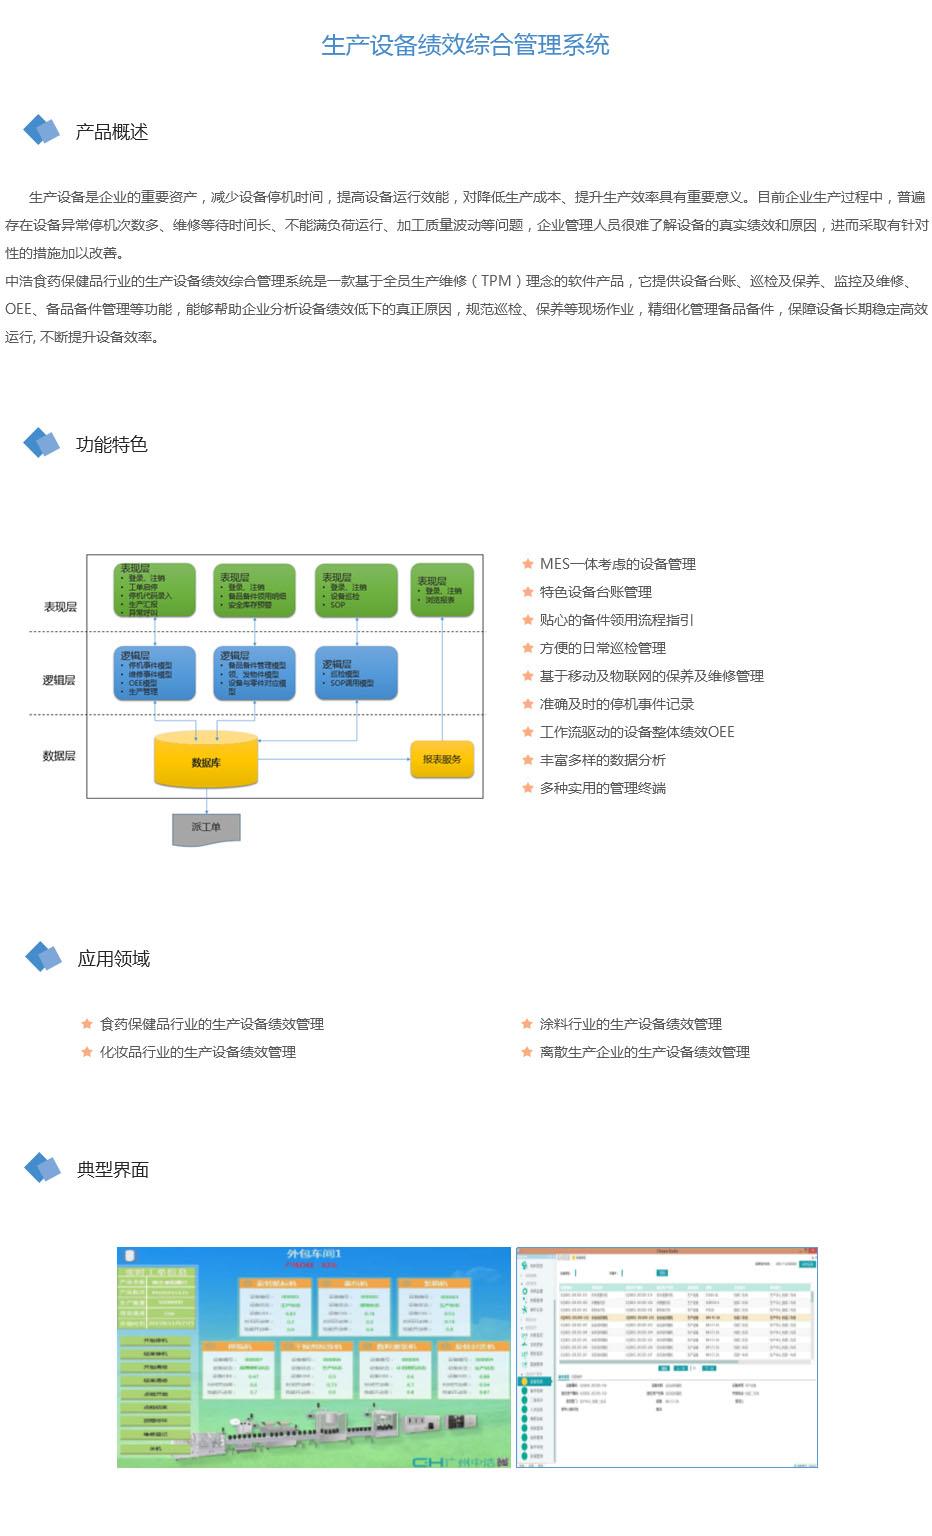 中国电力科学研究所_设备绩效综合管理系统--广州中浩控制技术有限公司